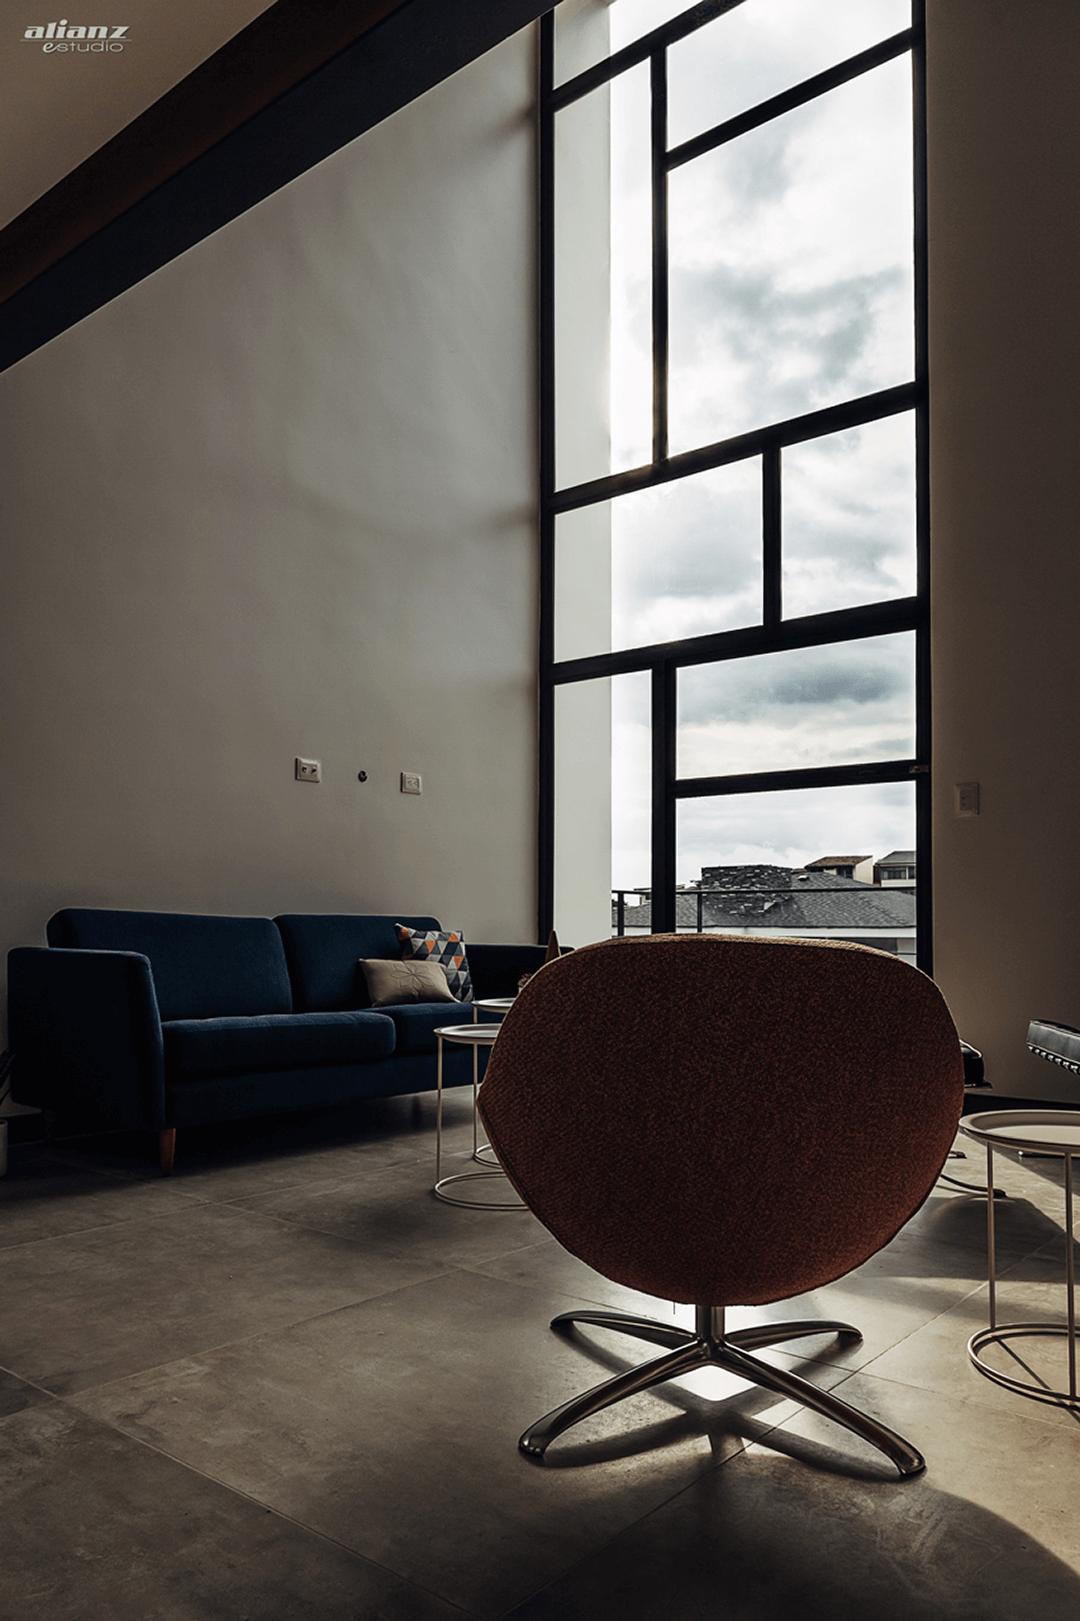 Francosta20160817–Interiores-7D-63-HDR-Edit